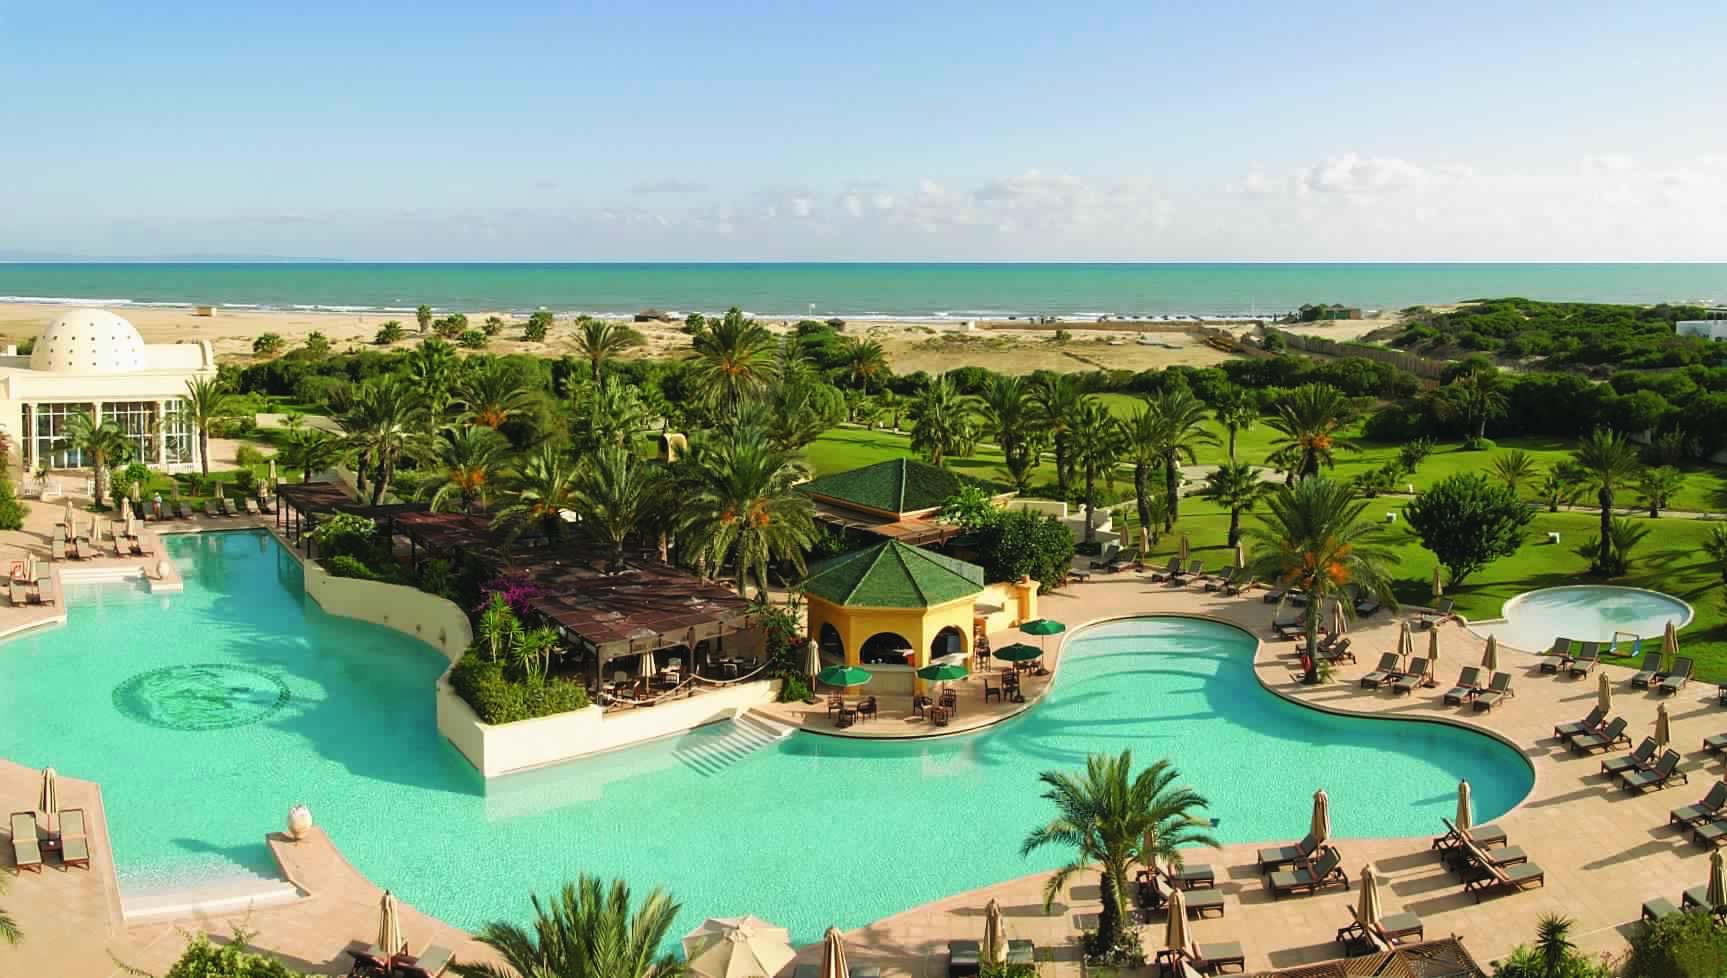 Propriété du groupe The Residence Hotels, cet hôtel de luxe pieds dans l'eau ouvrait en décembre 1996 - DR